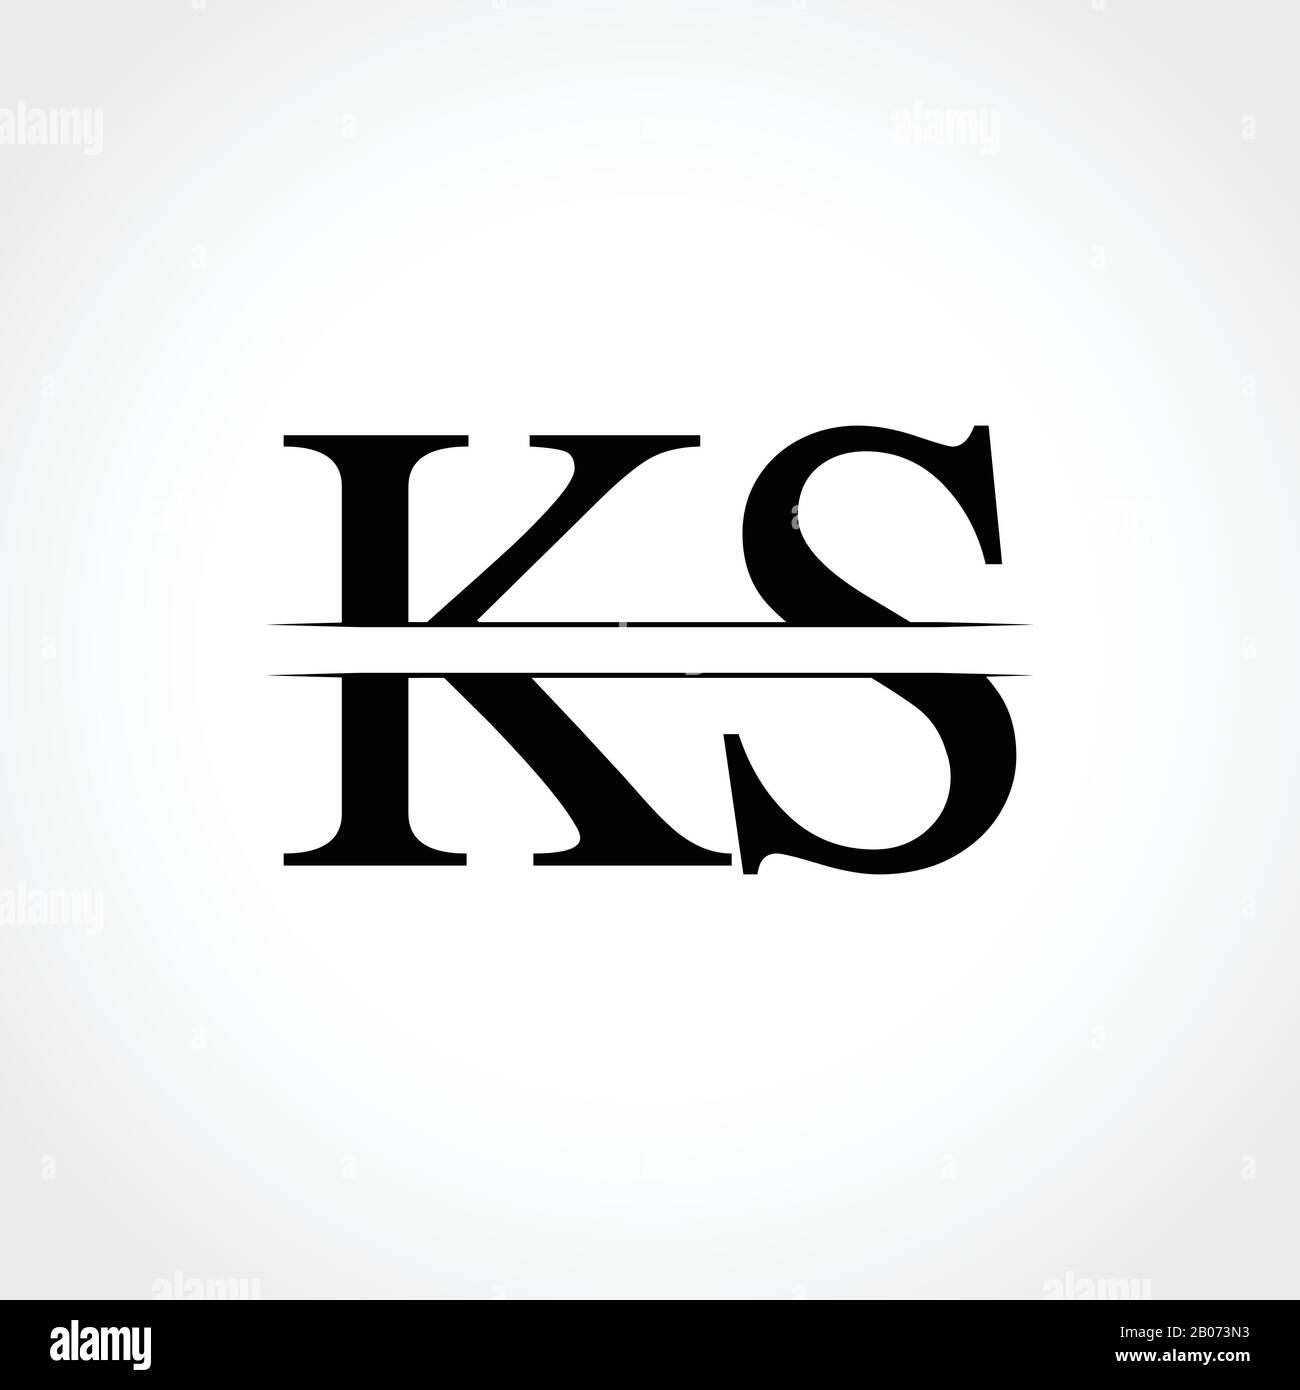 Initial Ks Letter Logo Design Vector Illustration Abstract Letter Ks Logo Design Stock Vector Image Art Alamy